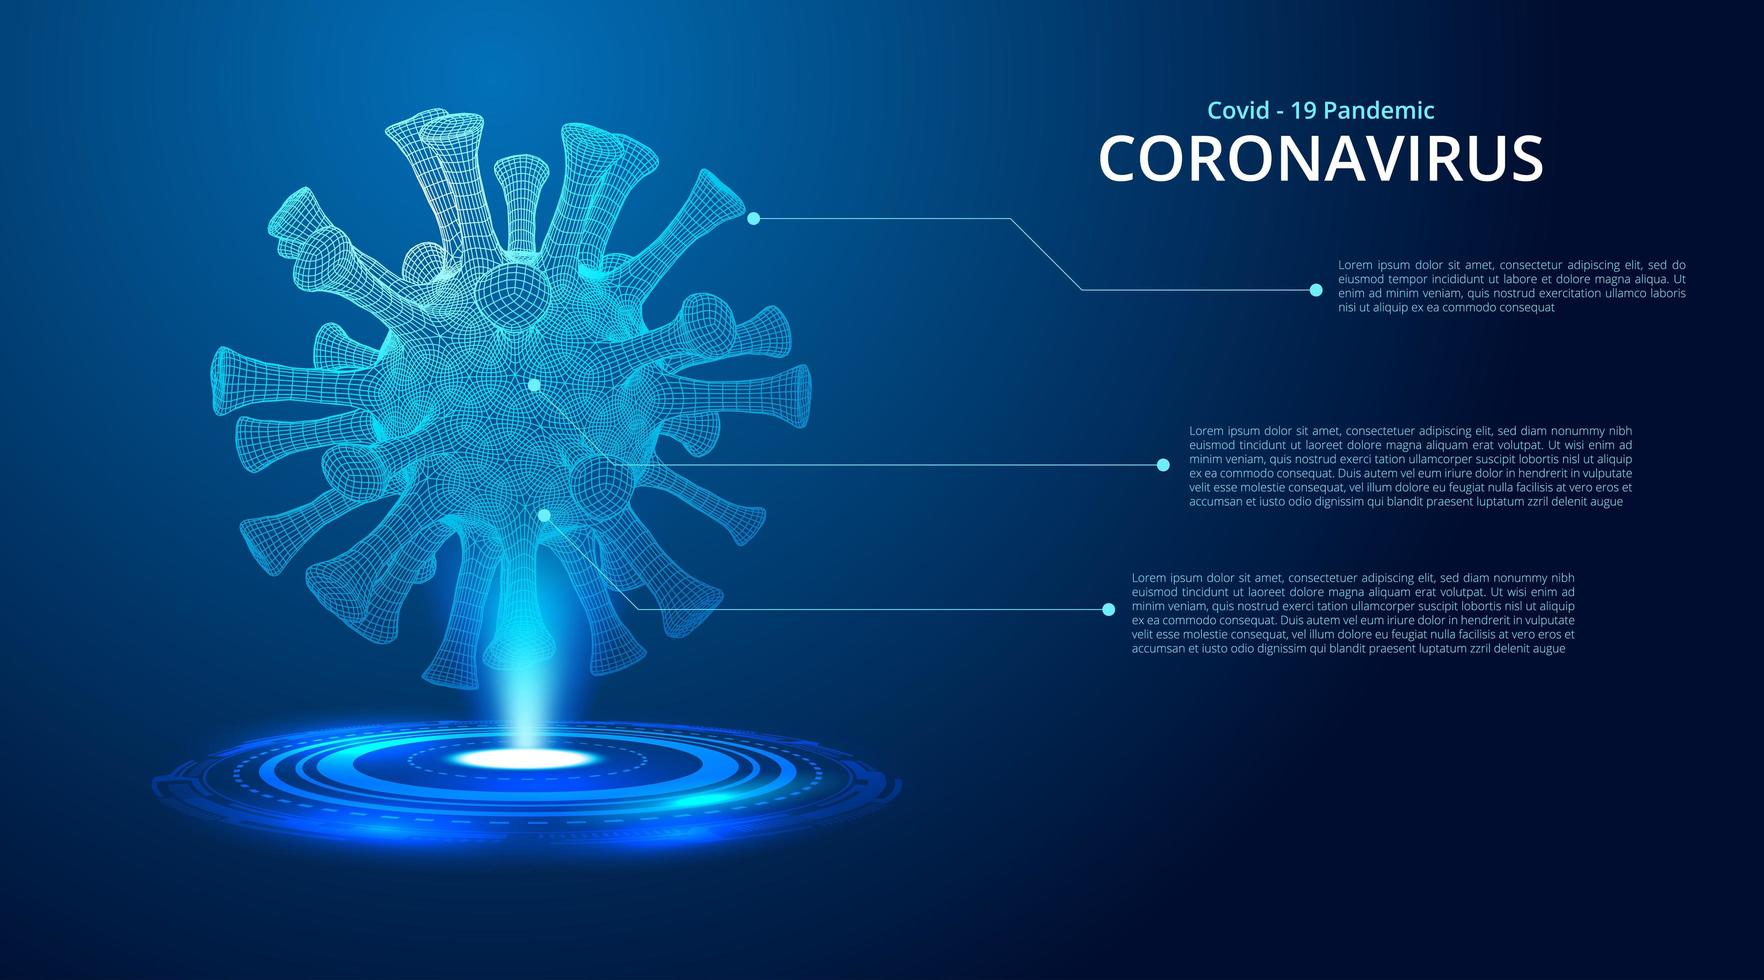 dunkelblau leuchtend 2019-ncov coronavirus low poly vektor